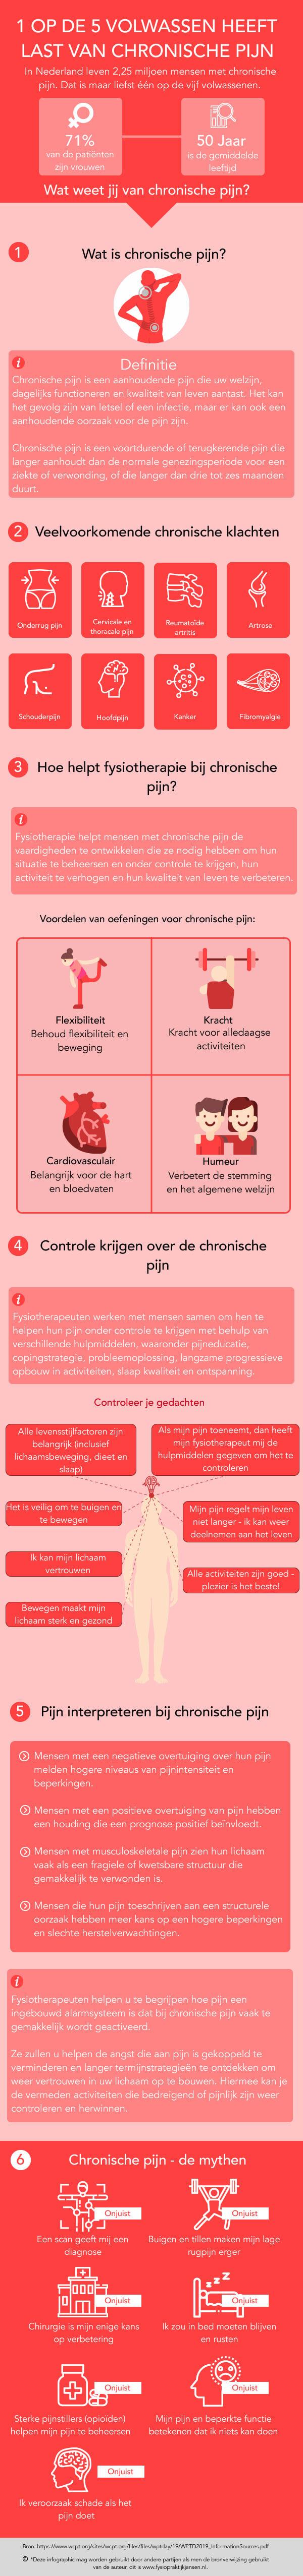 Bekijk de infographic over chronische pijn